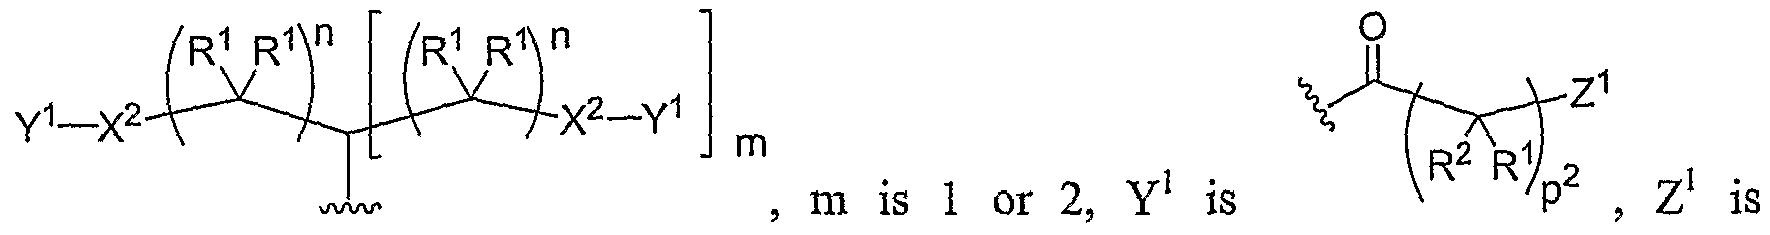 Figure imgf000316_0006